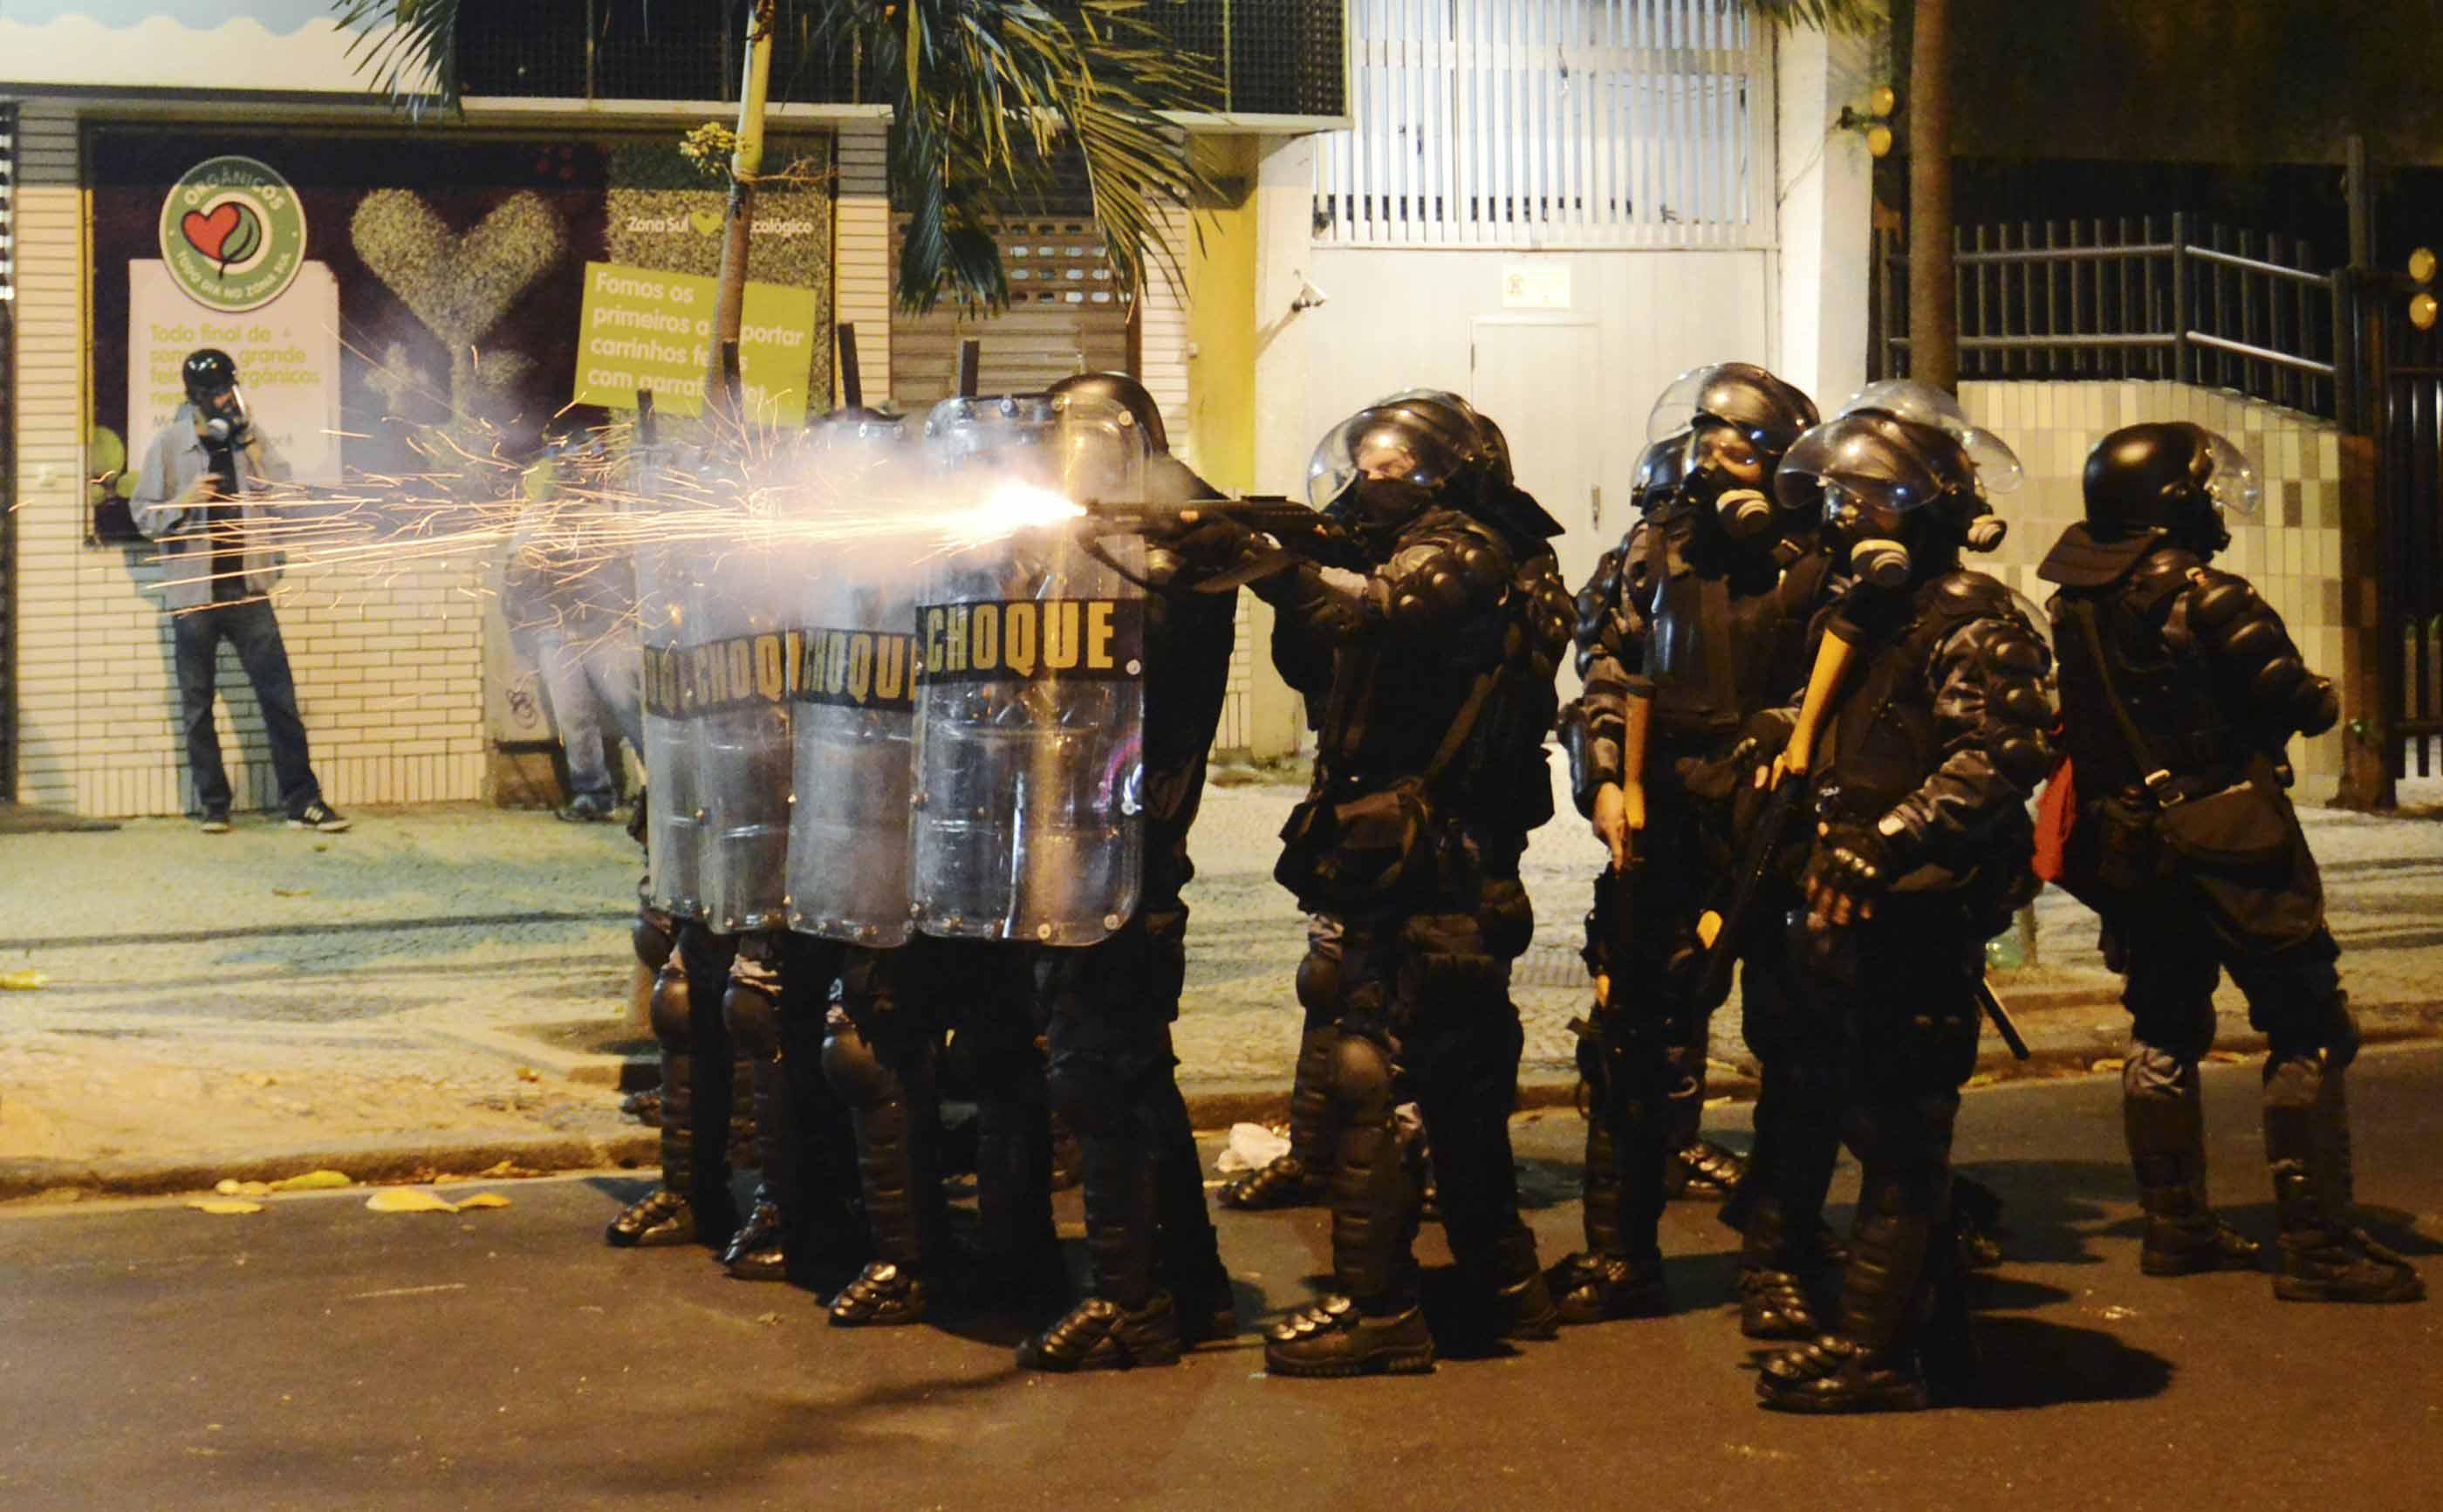 Batalhão de Choque da PM atira com balas de borracha para conter o tumulto ocorrido no protesto, no Leblon, na Zona Sul do Rio